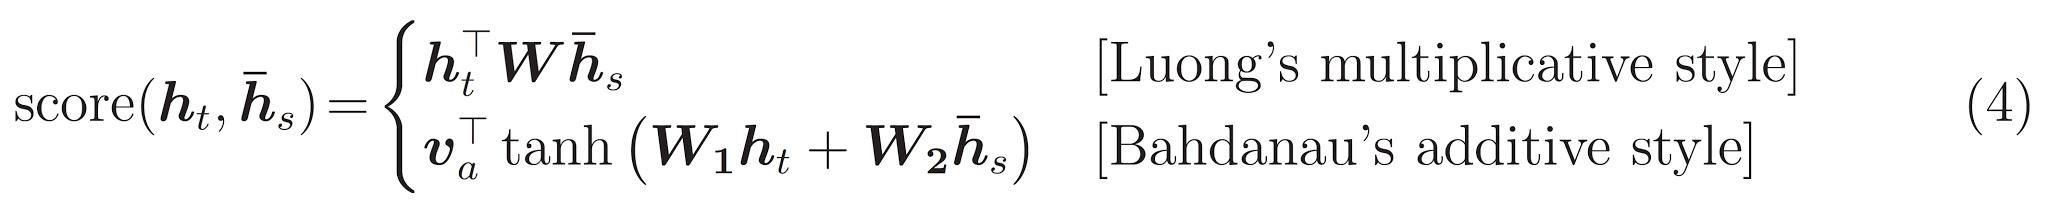 уравнение внимания 4